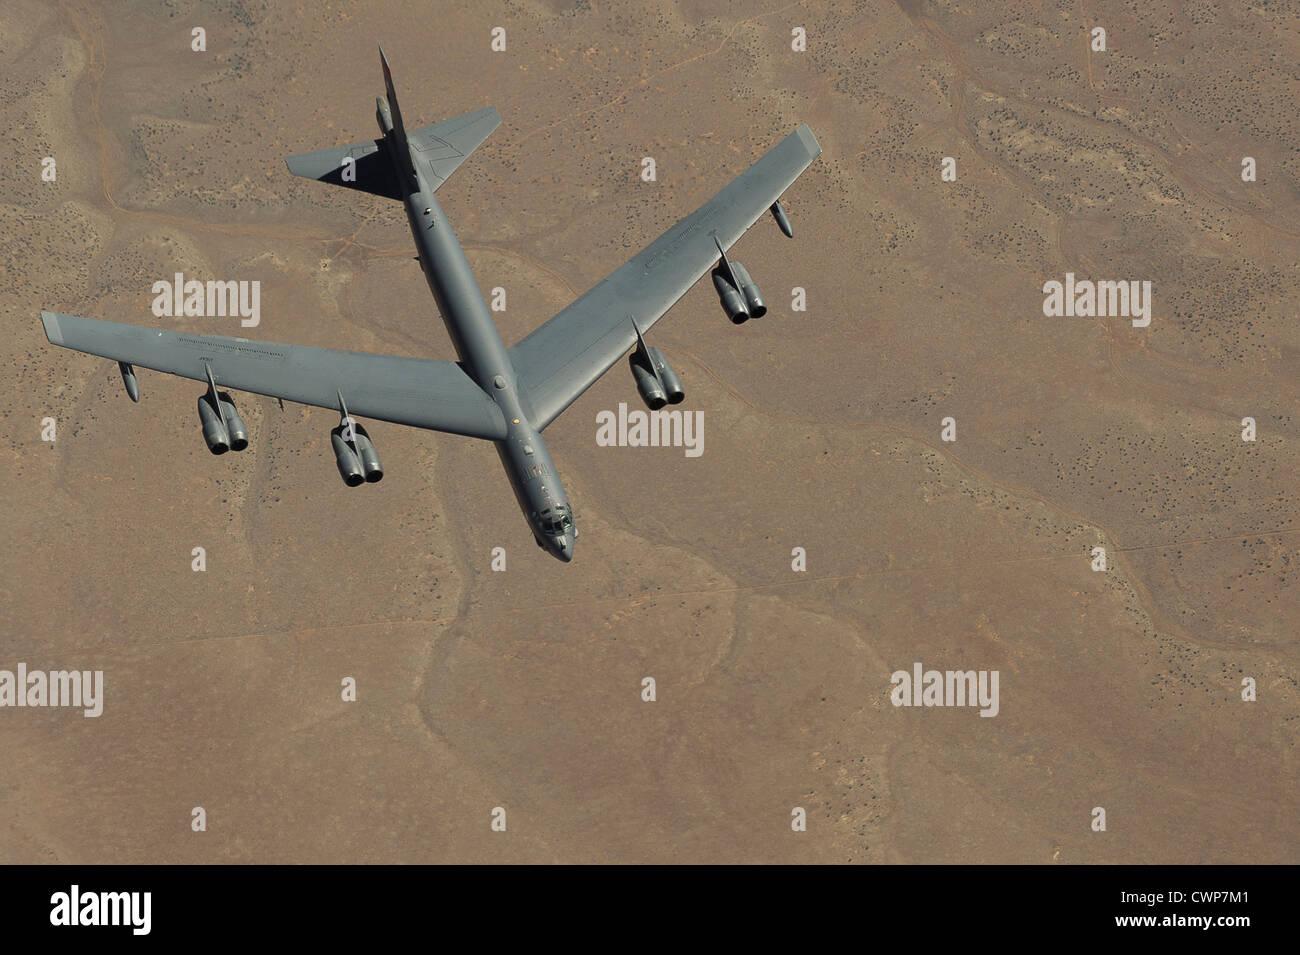 A B Stratofortress si avvicina a un Boeing KC-135 Stratotanker per rifornire di carburante il 26 marzo 2012 vicino a Salt Lake City, Utah. Foto Stock